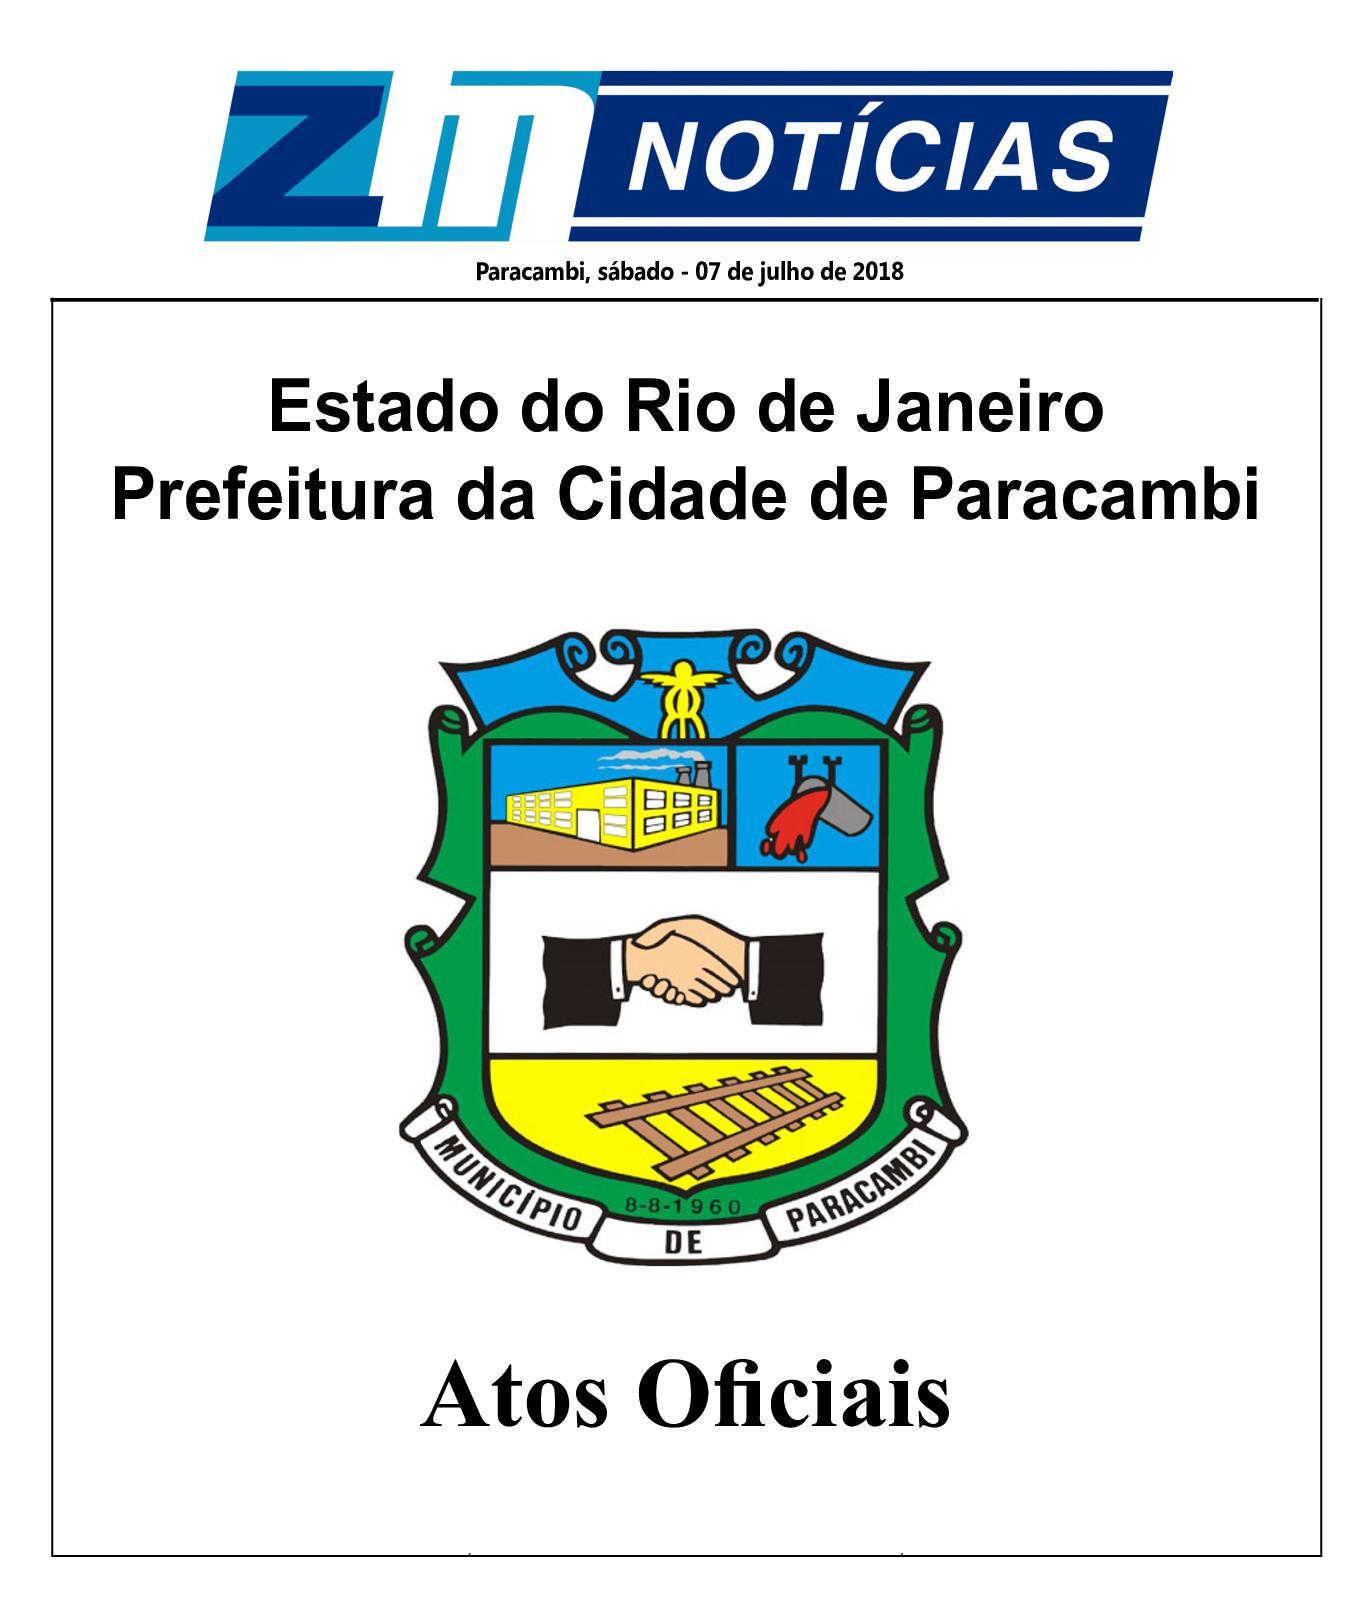 P M P Atos Oficiais 070718